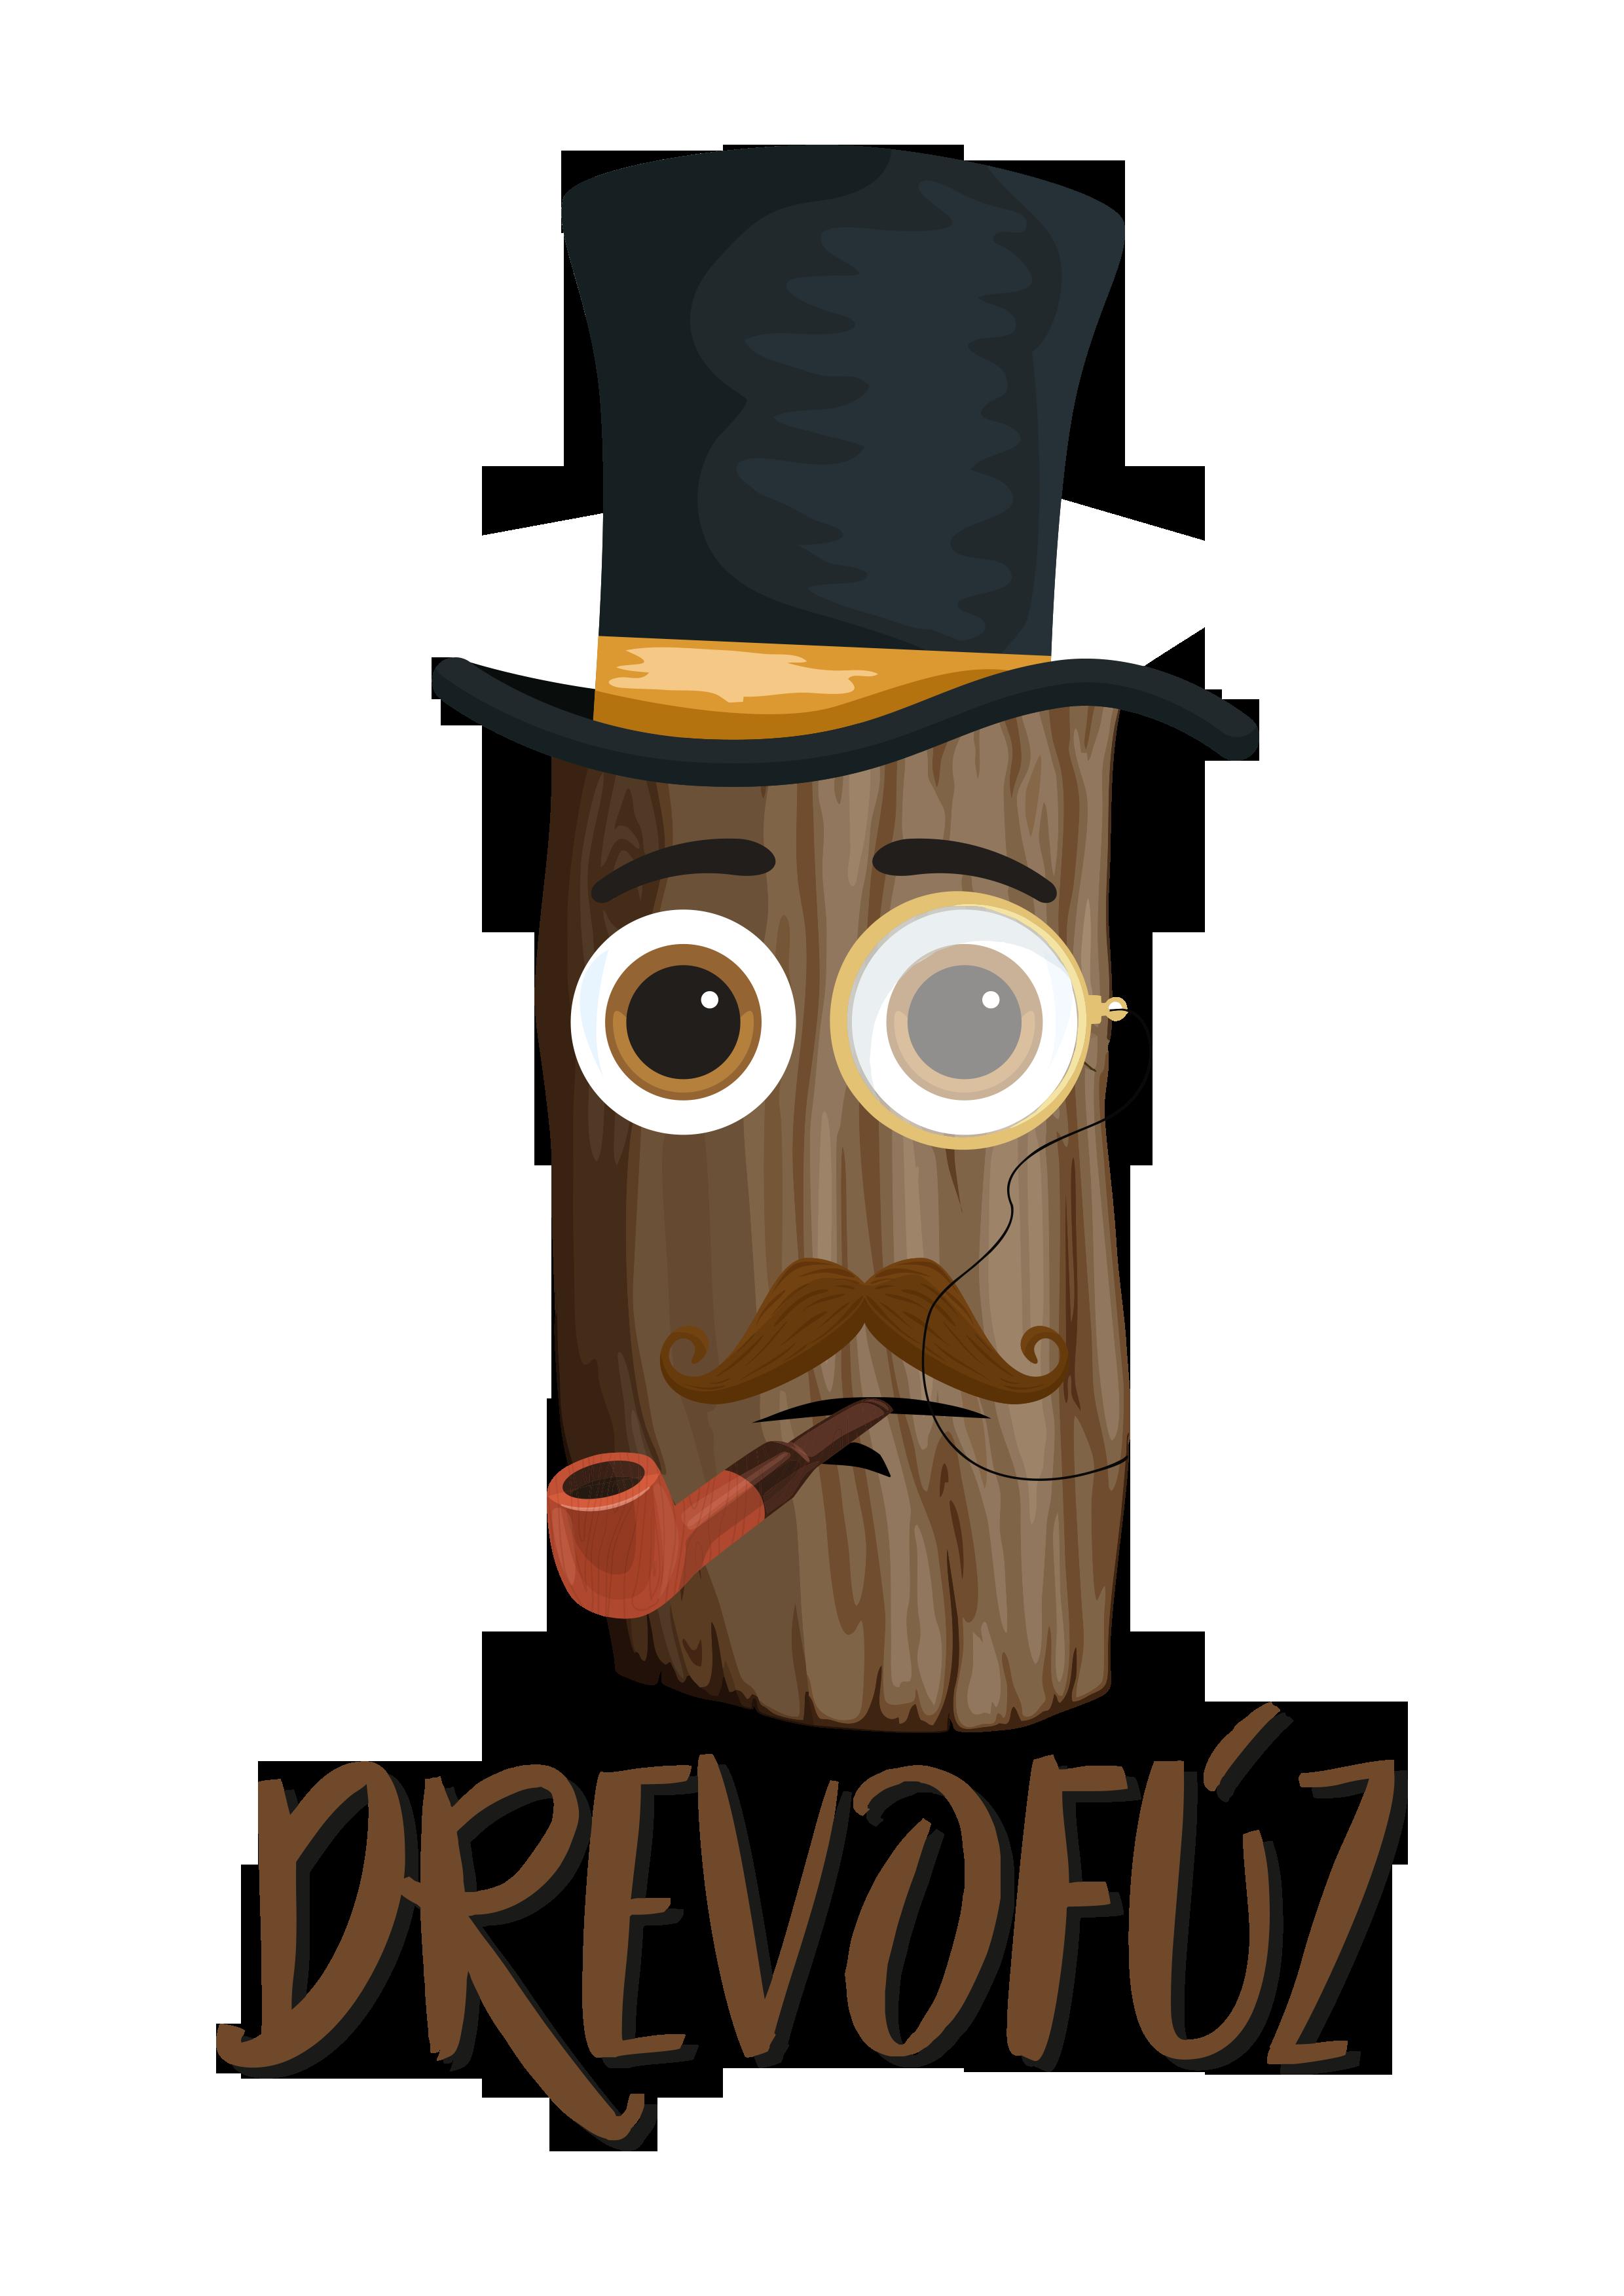 DrevoFúz.sk – originálne produkty z dreva vyrobené na Slovensku